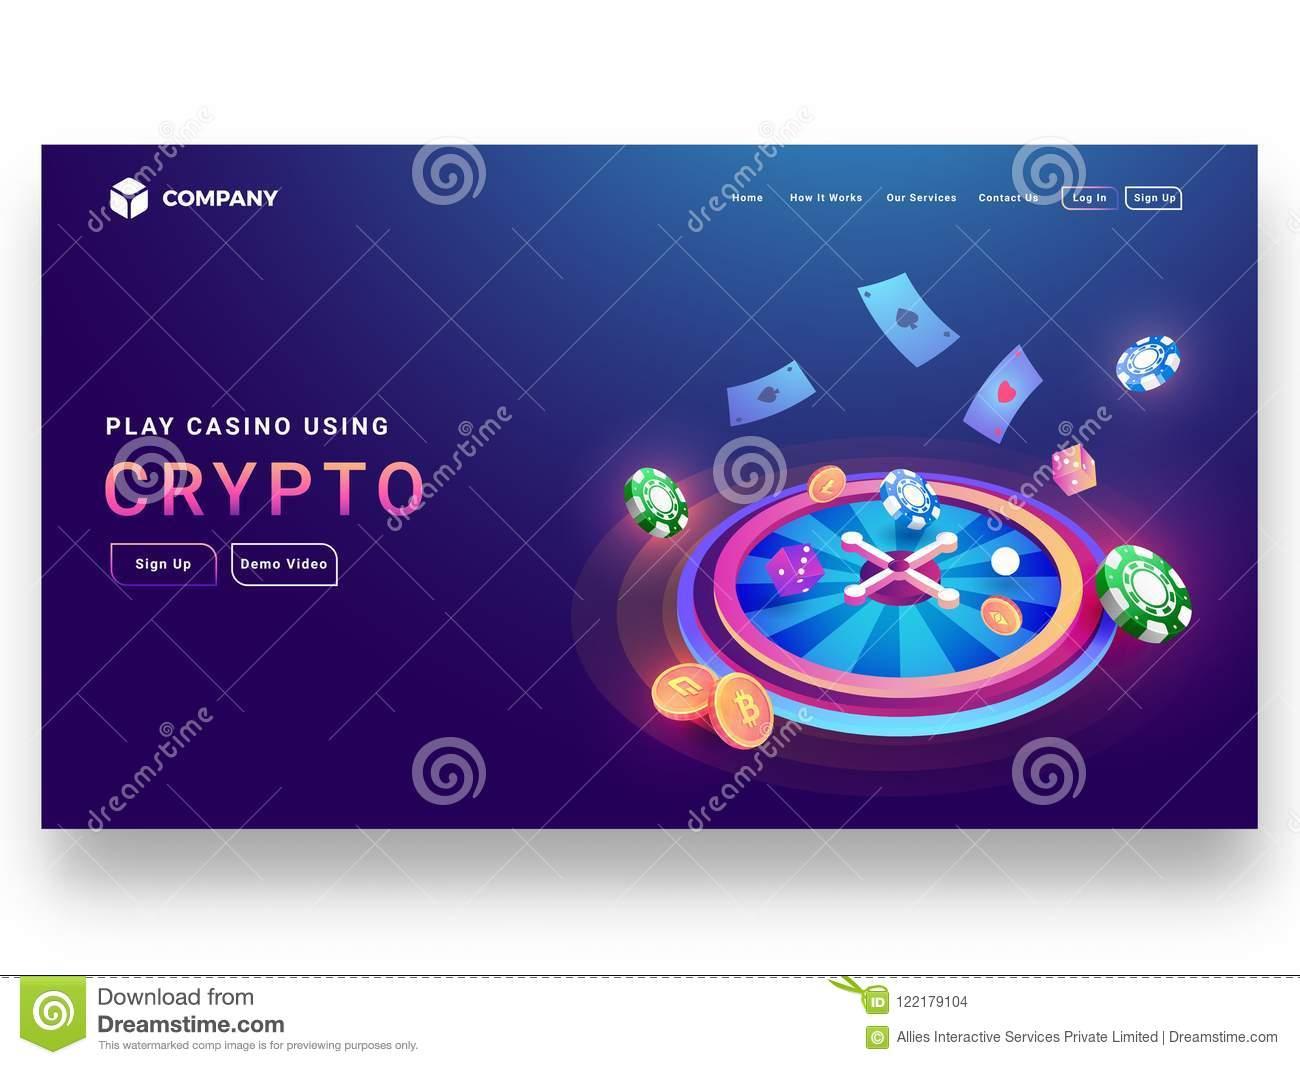 เกมคาสิโน bitcoin ออนไลน์